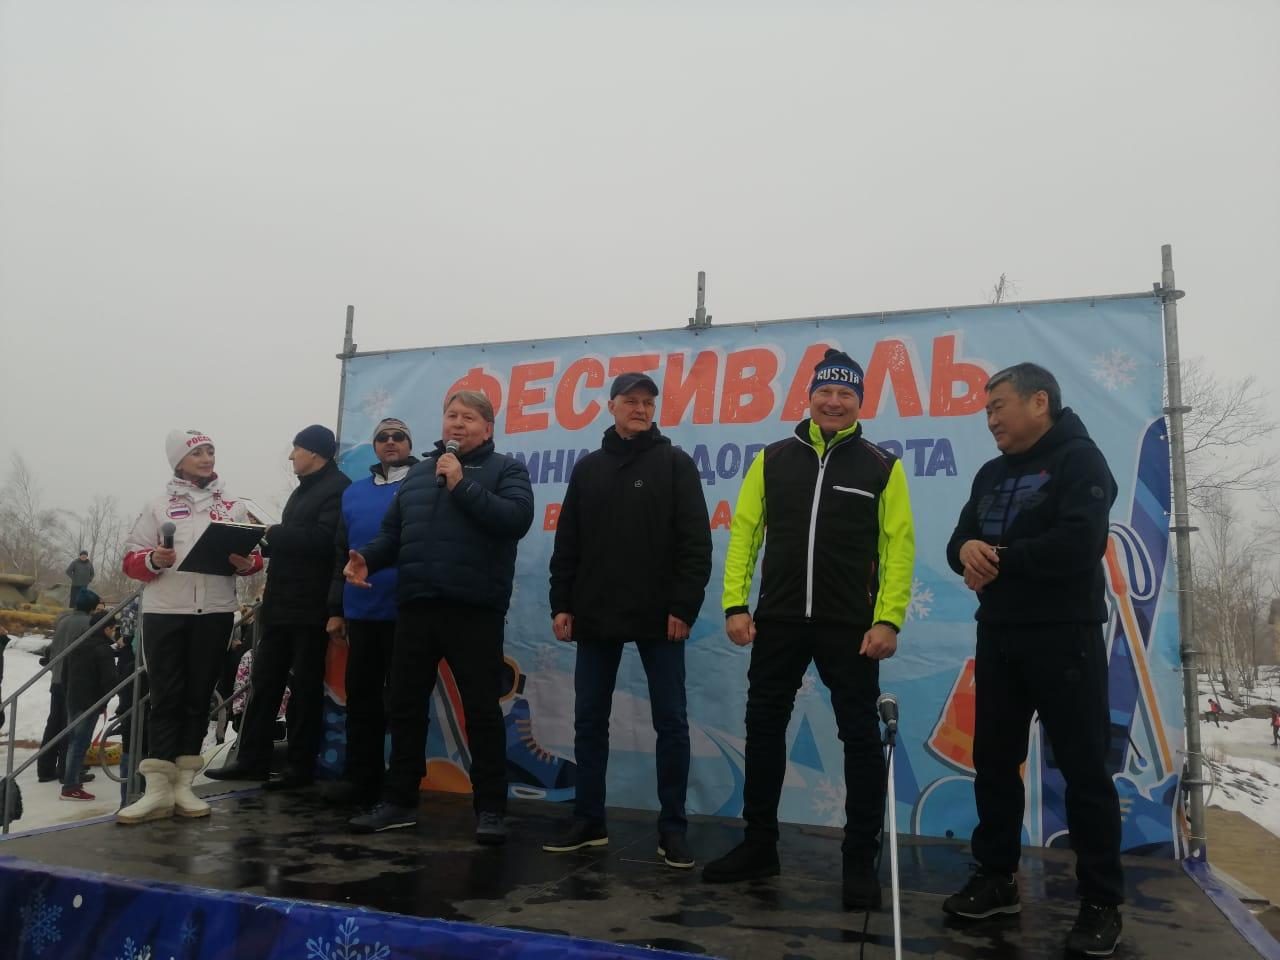 Торжественное открытие фестиваля зимних видов спорта стало настоящим праздником для жителей и гостей нашего города.